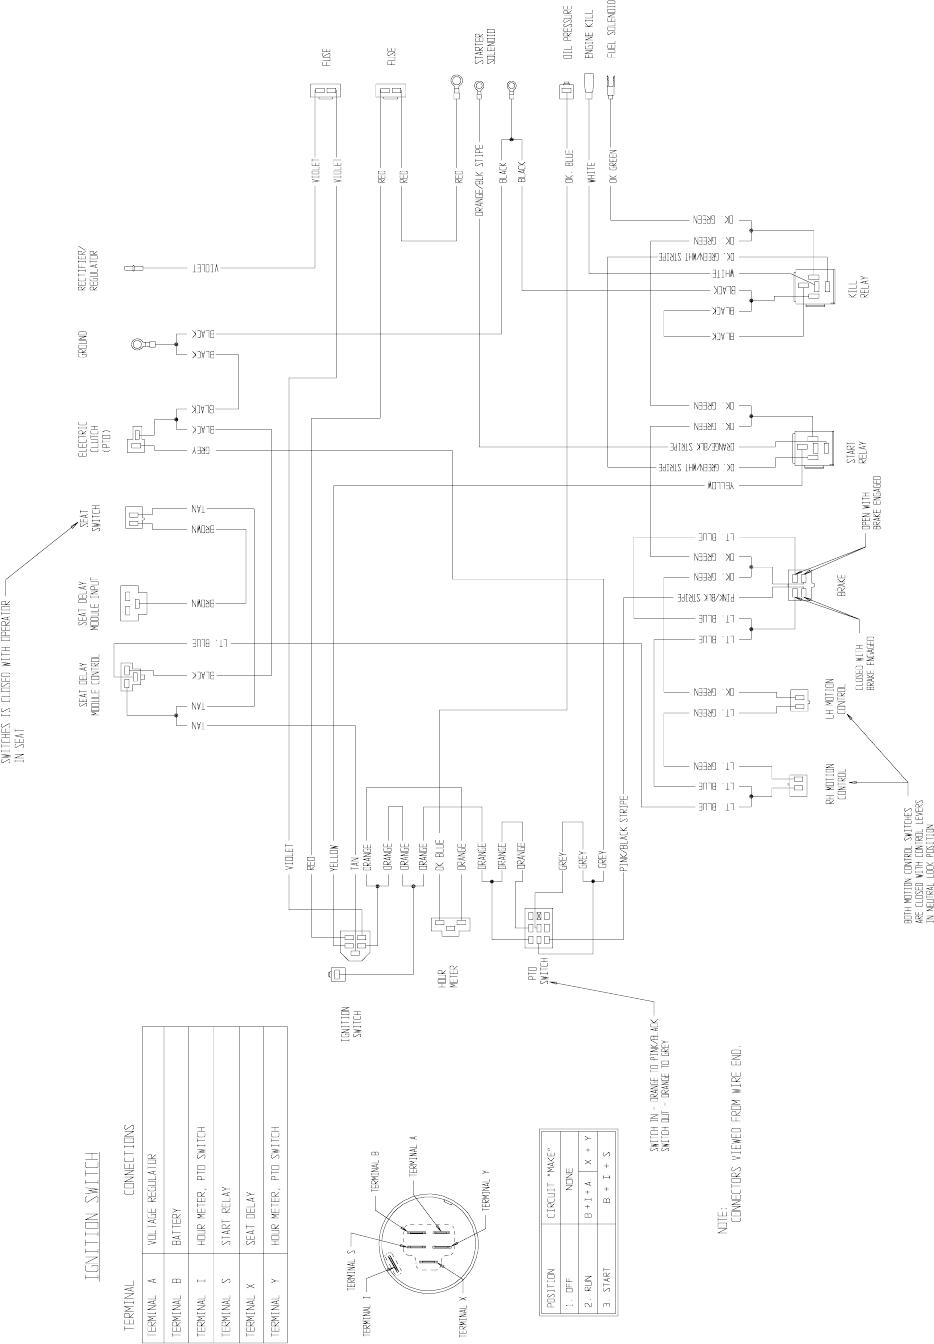 Exmark Lazer Z CT 7. BRIGGS & STRATTON ELECTRICAL DIAGRAM